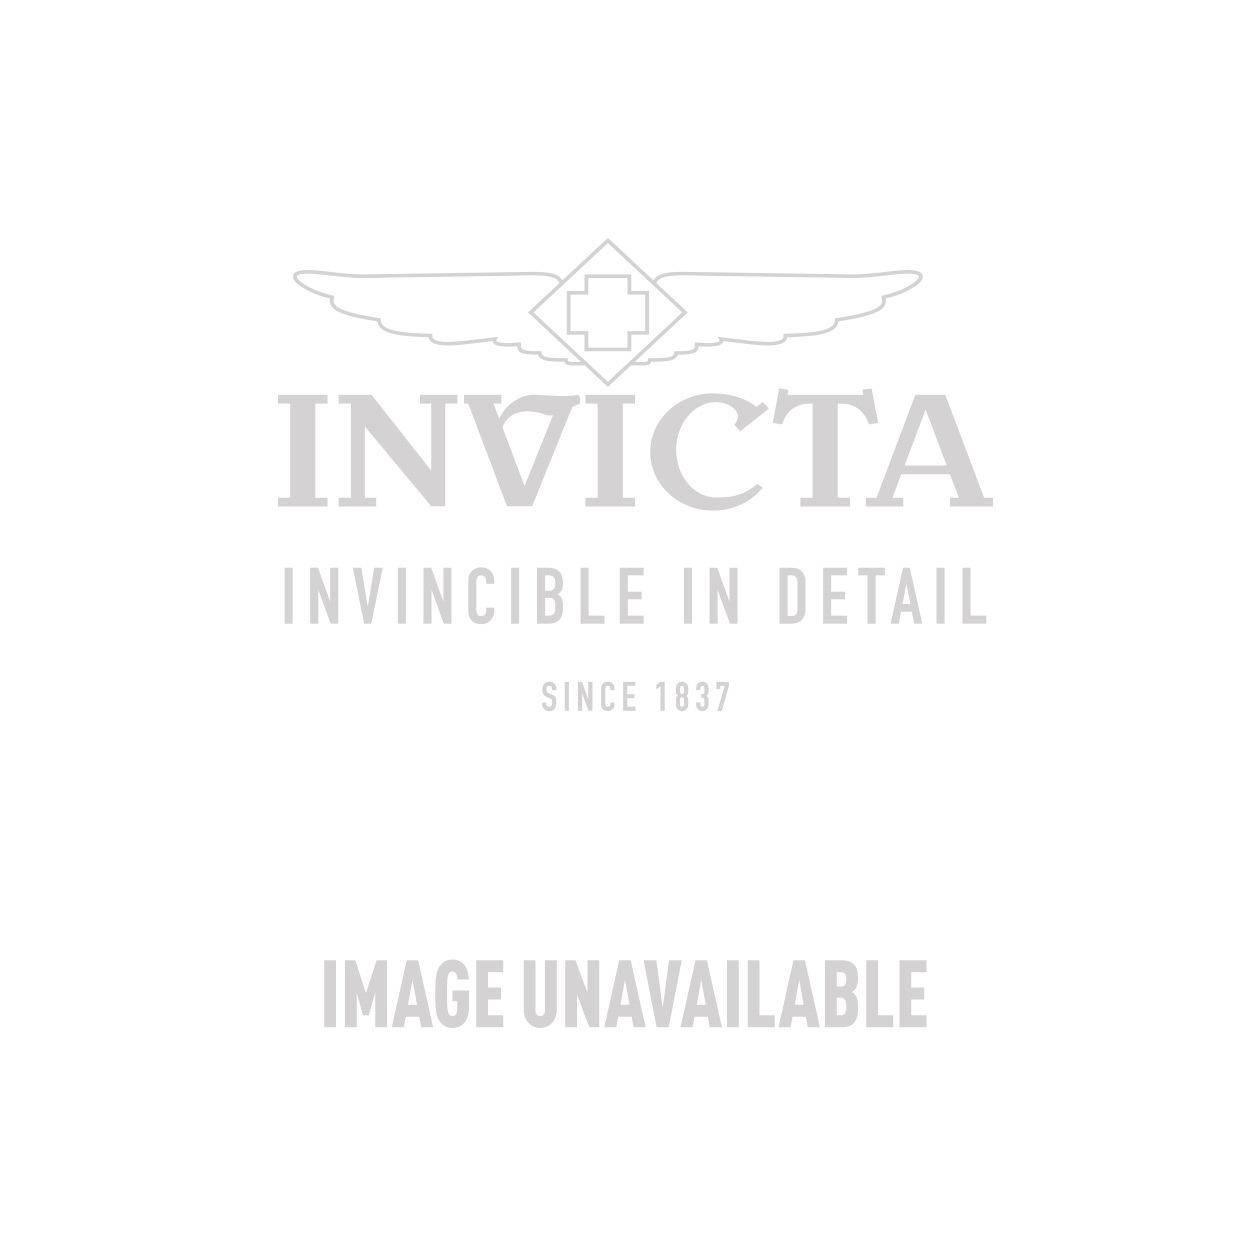 Invicta Model 23120